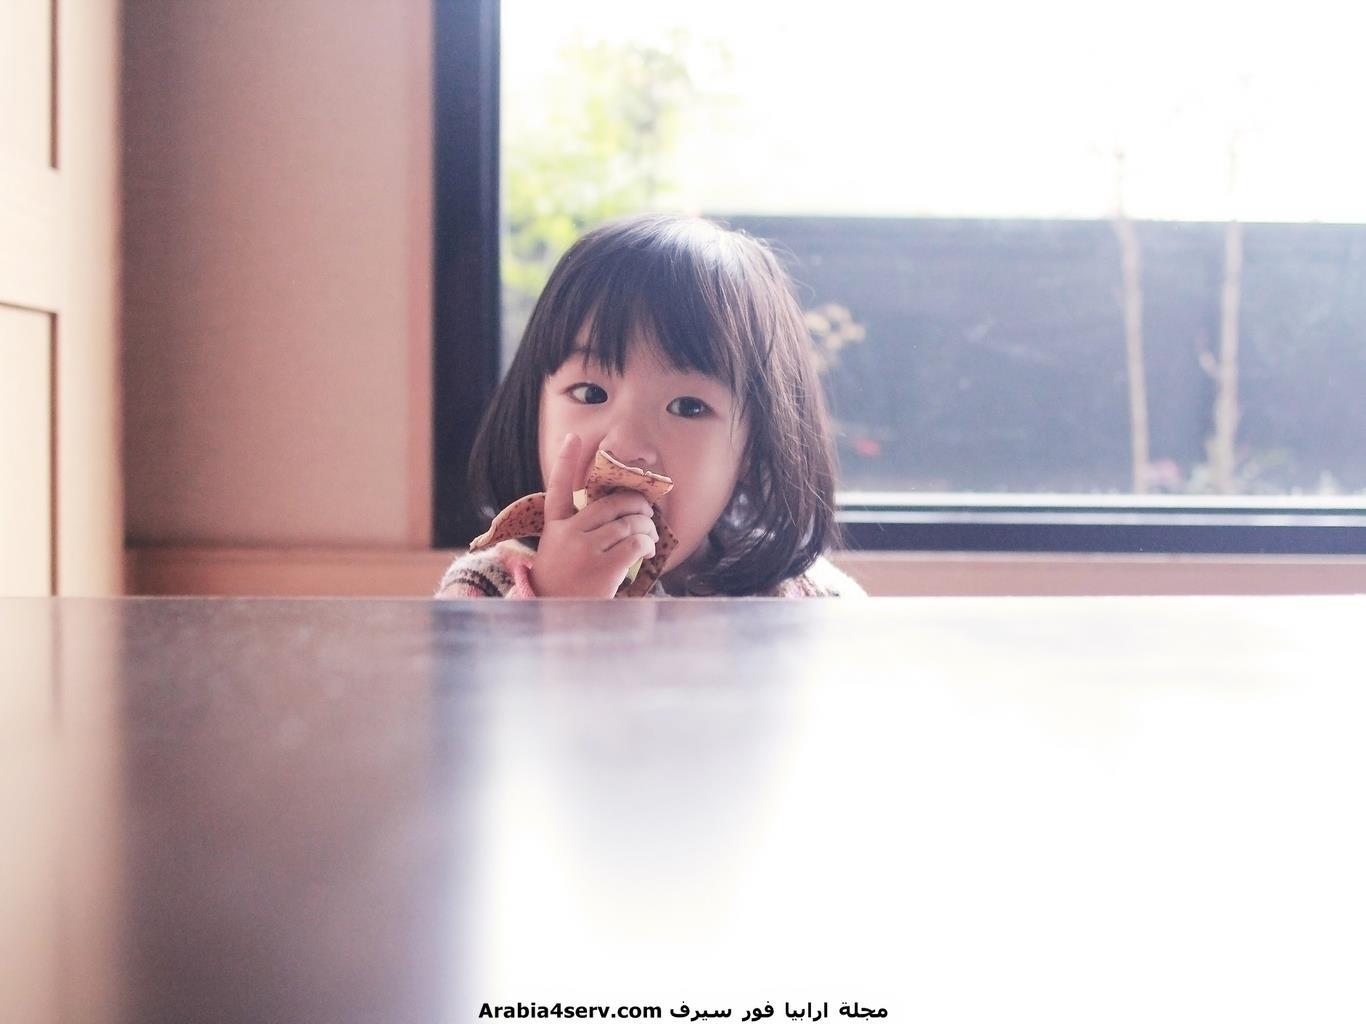 صور-اطفال-يابانيين-2